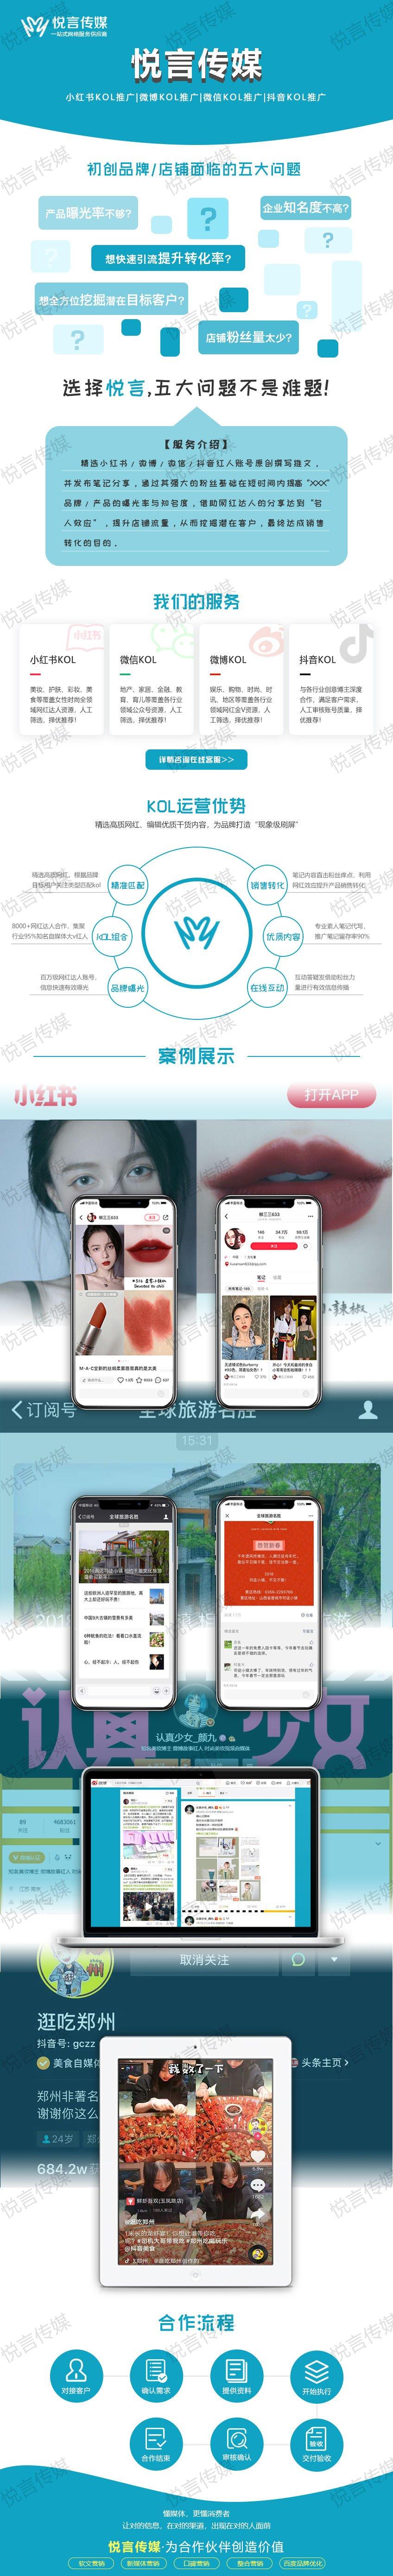 微信kol推广/微信红人推广